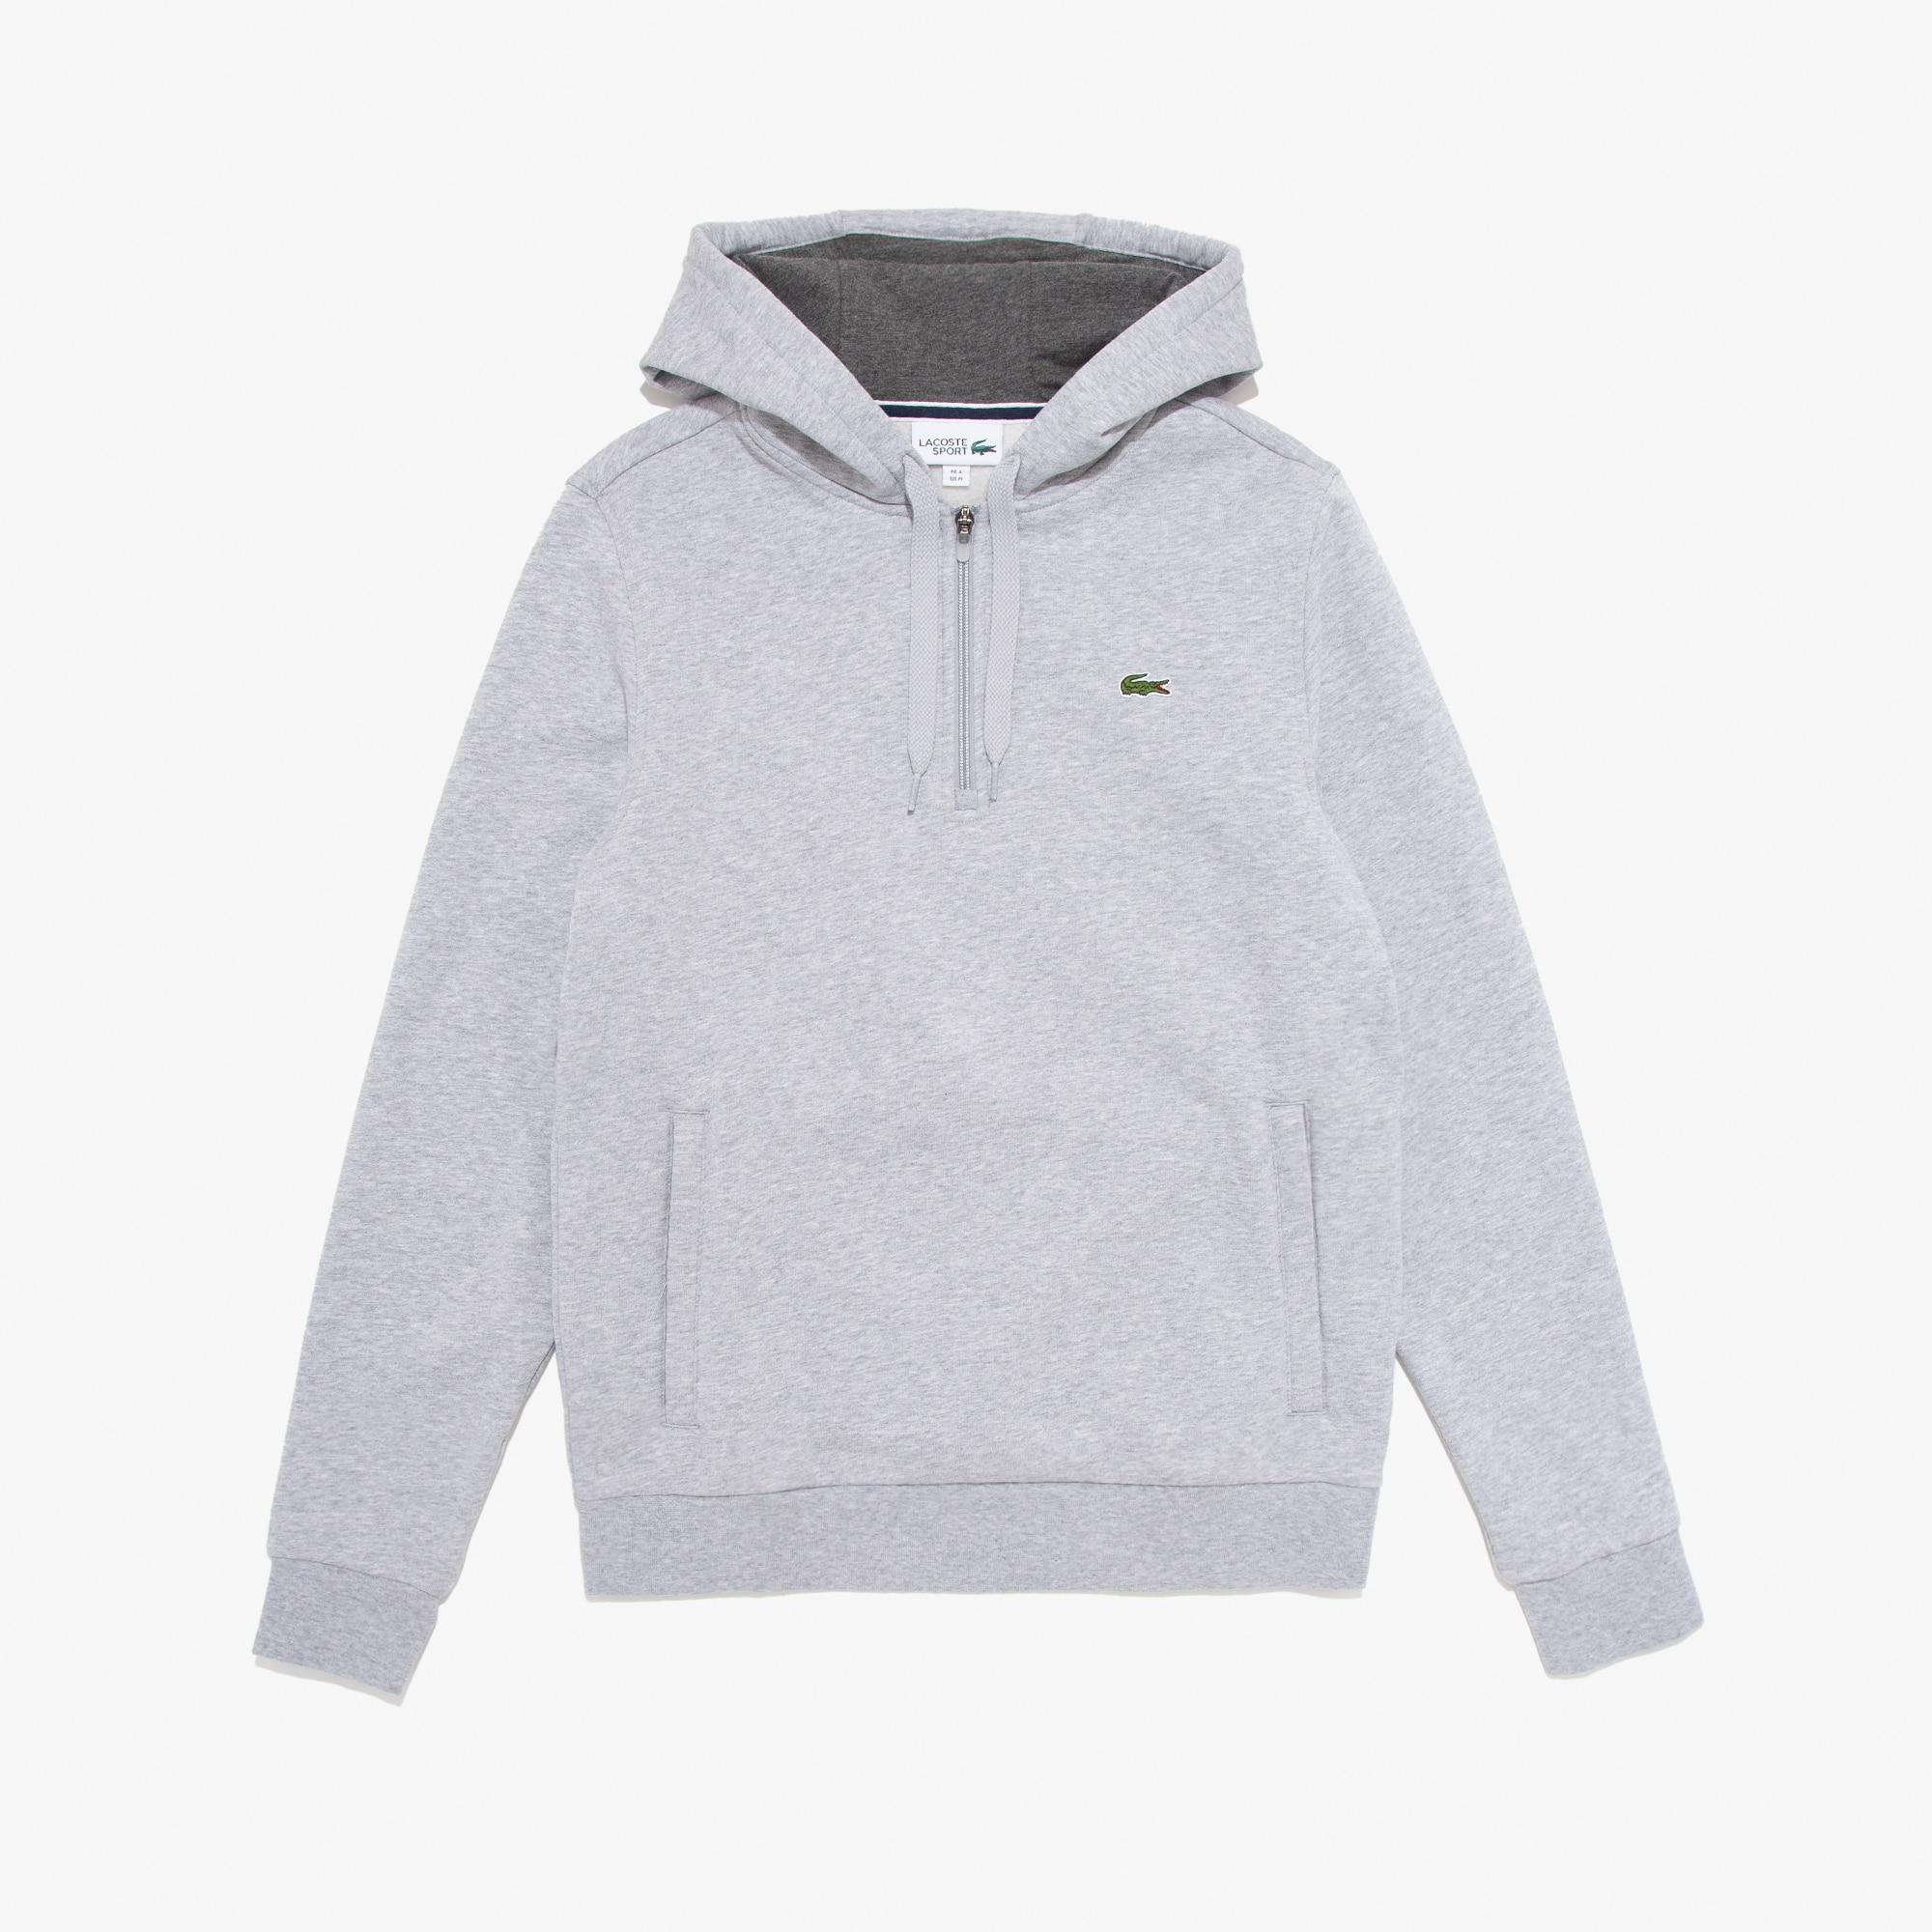 라코스테 Lacoste Mens SPORT Hooded Fleece Tennis Sweatshirt,Grey Chine - J6A